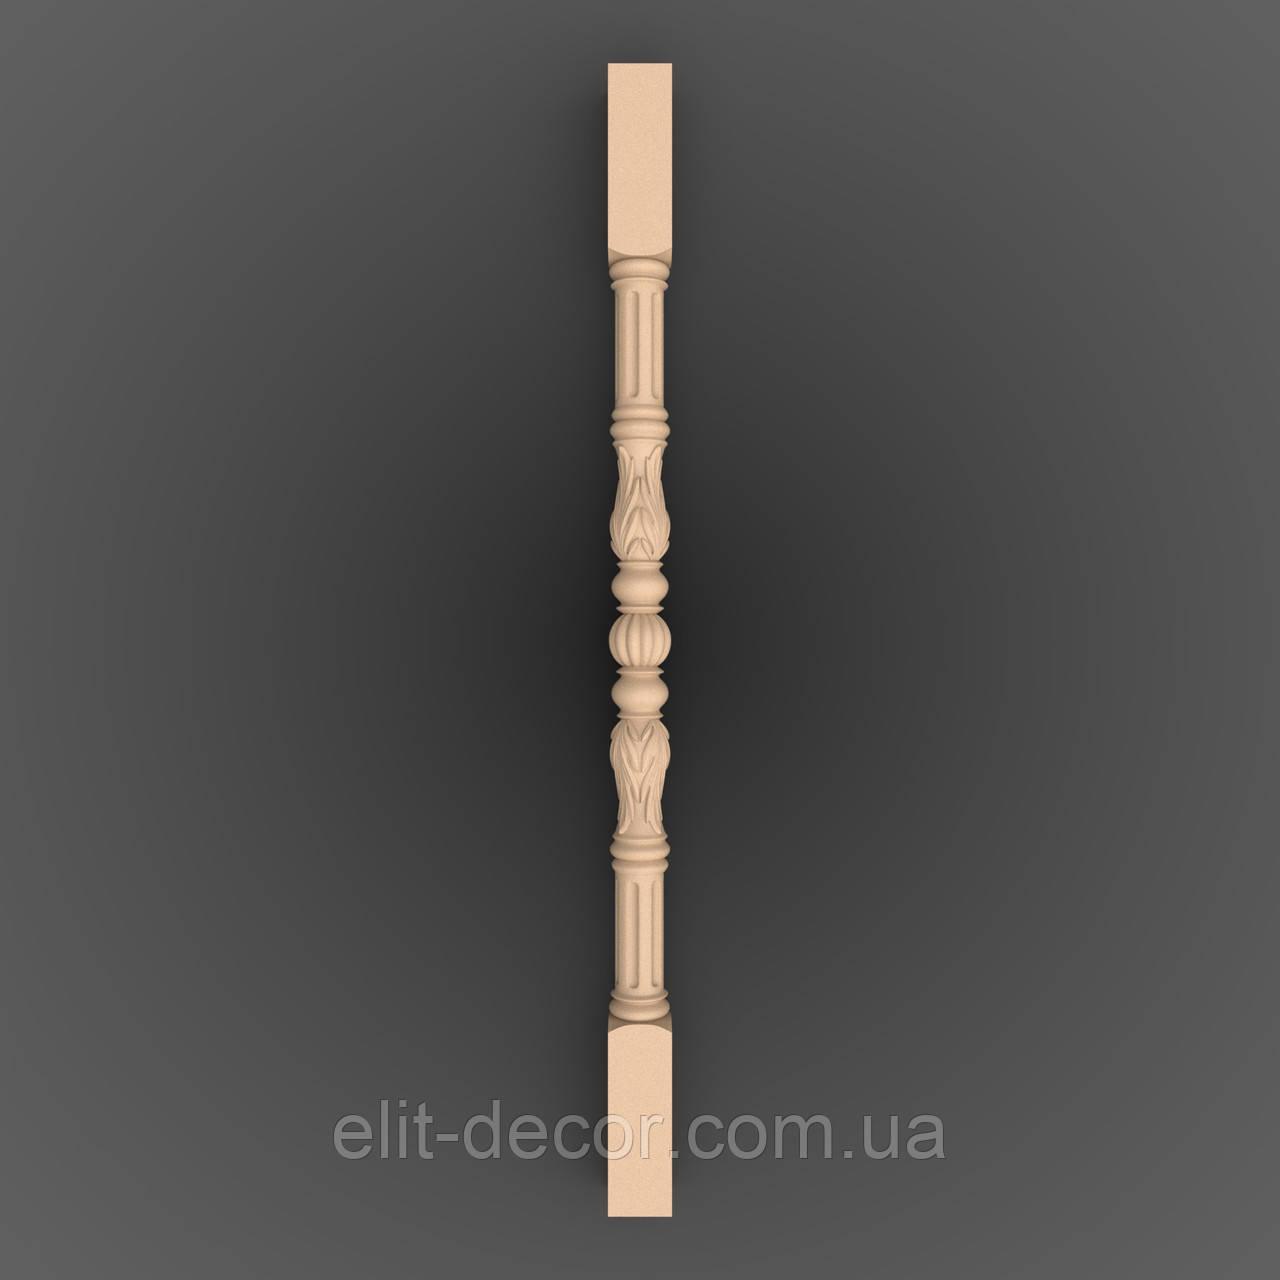 Резная опора. Балясина деревянная. 900x50x50.LB-017